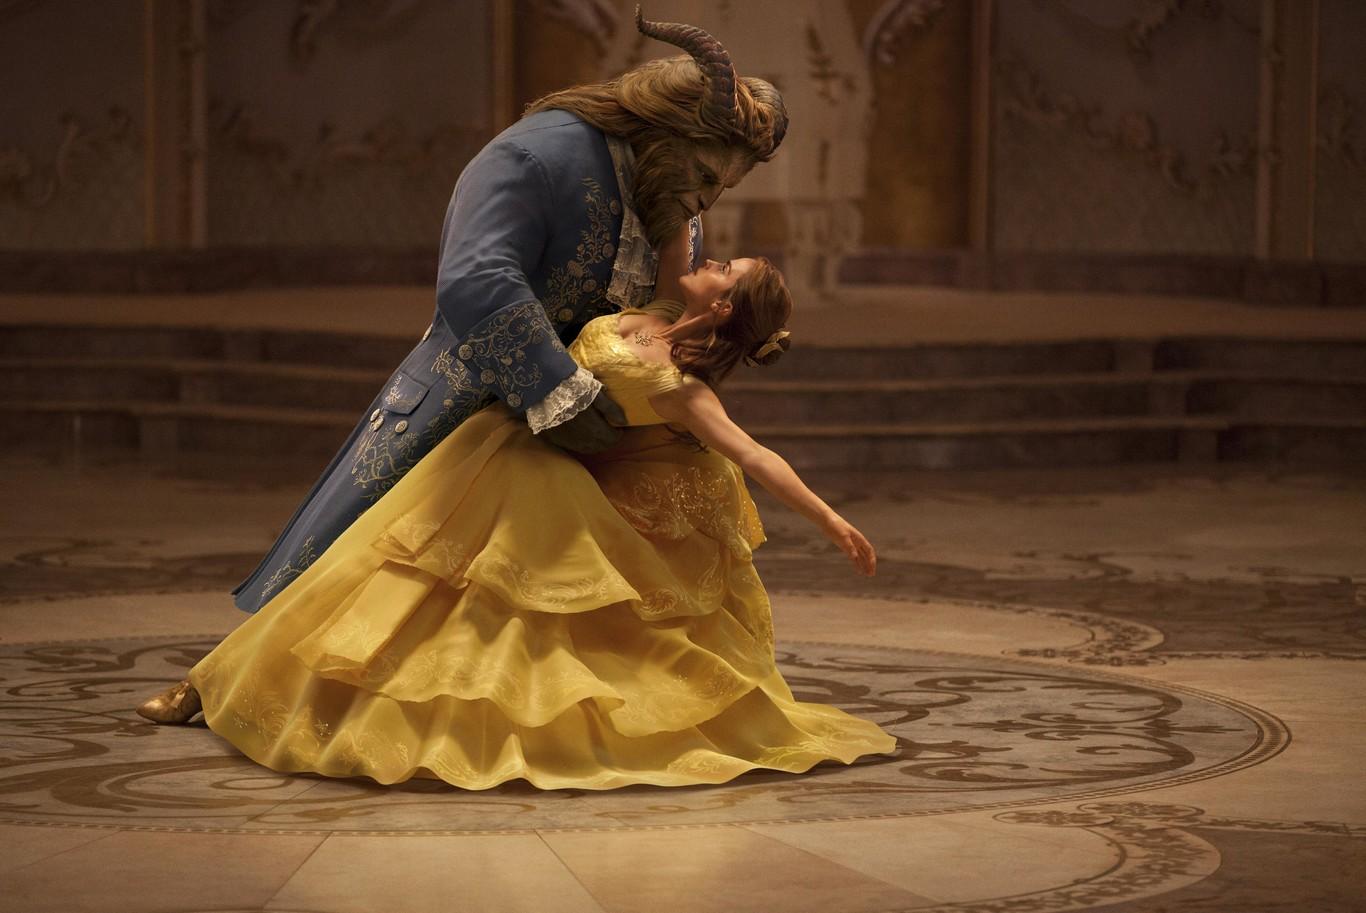 ea3549bc6 El vestuario de 'La Bella y la Bestia' es así de fascinante. Todas queremos  ser Emma Watson y llevar el vestido amarillo